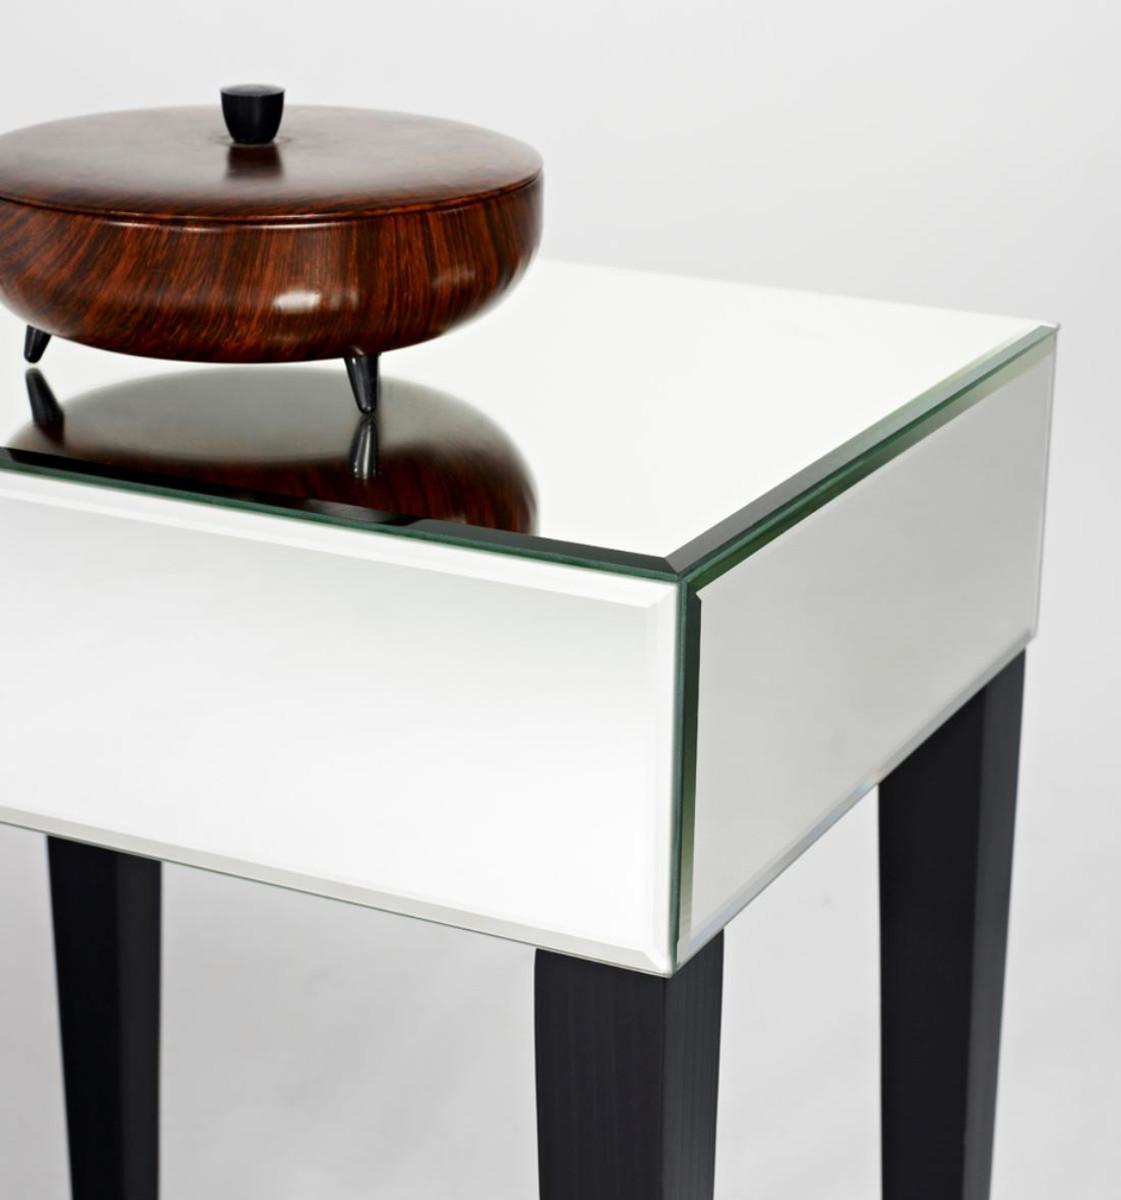 casa padrino luxus spiegelglas beistelltisch 41 x 30 x h 60 cm hotel m bel beistelltische. Black Bedroom Furniture Sets. Home Design Ideas